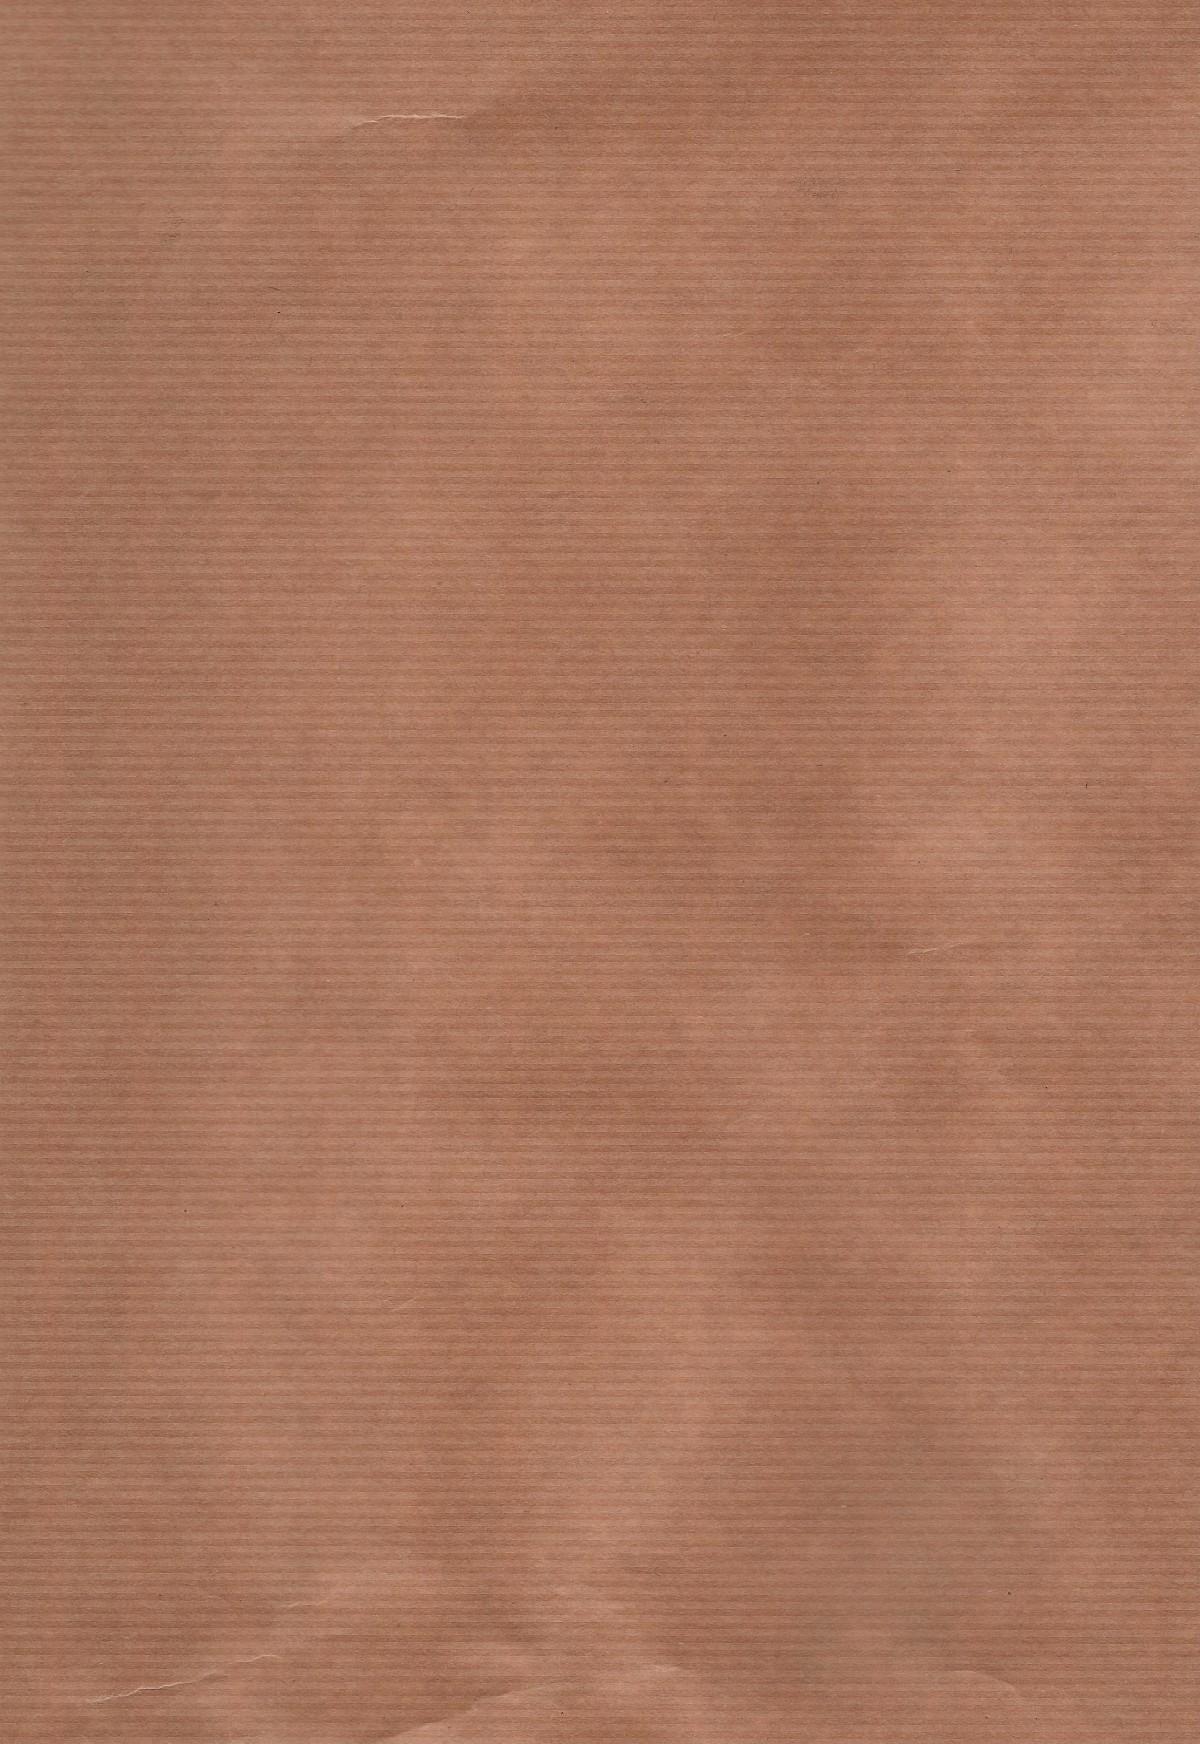 images gratuites texture mod le ligne marron tuile. Black Bedroom Furniture Sets. Home Design Ideas